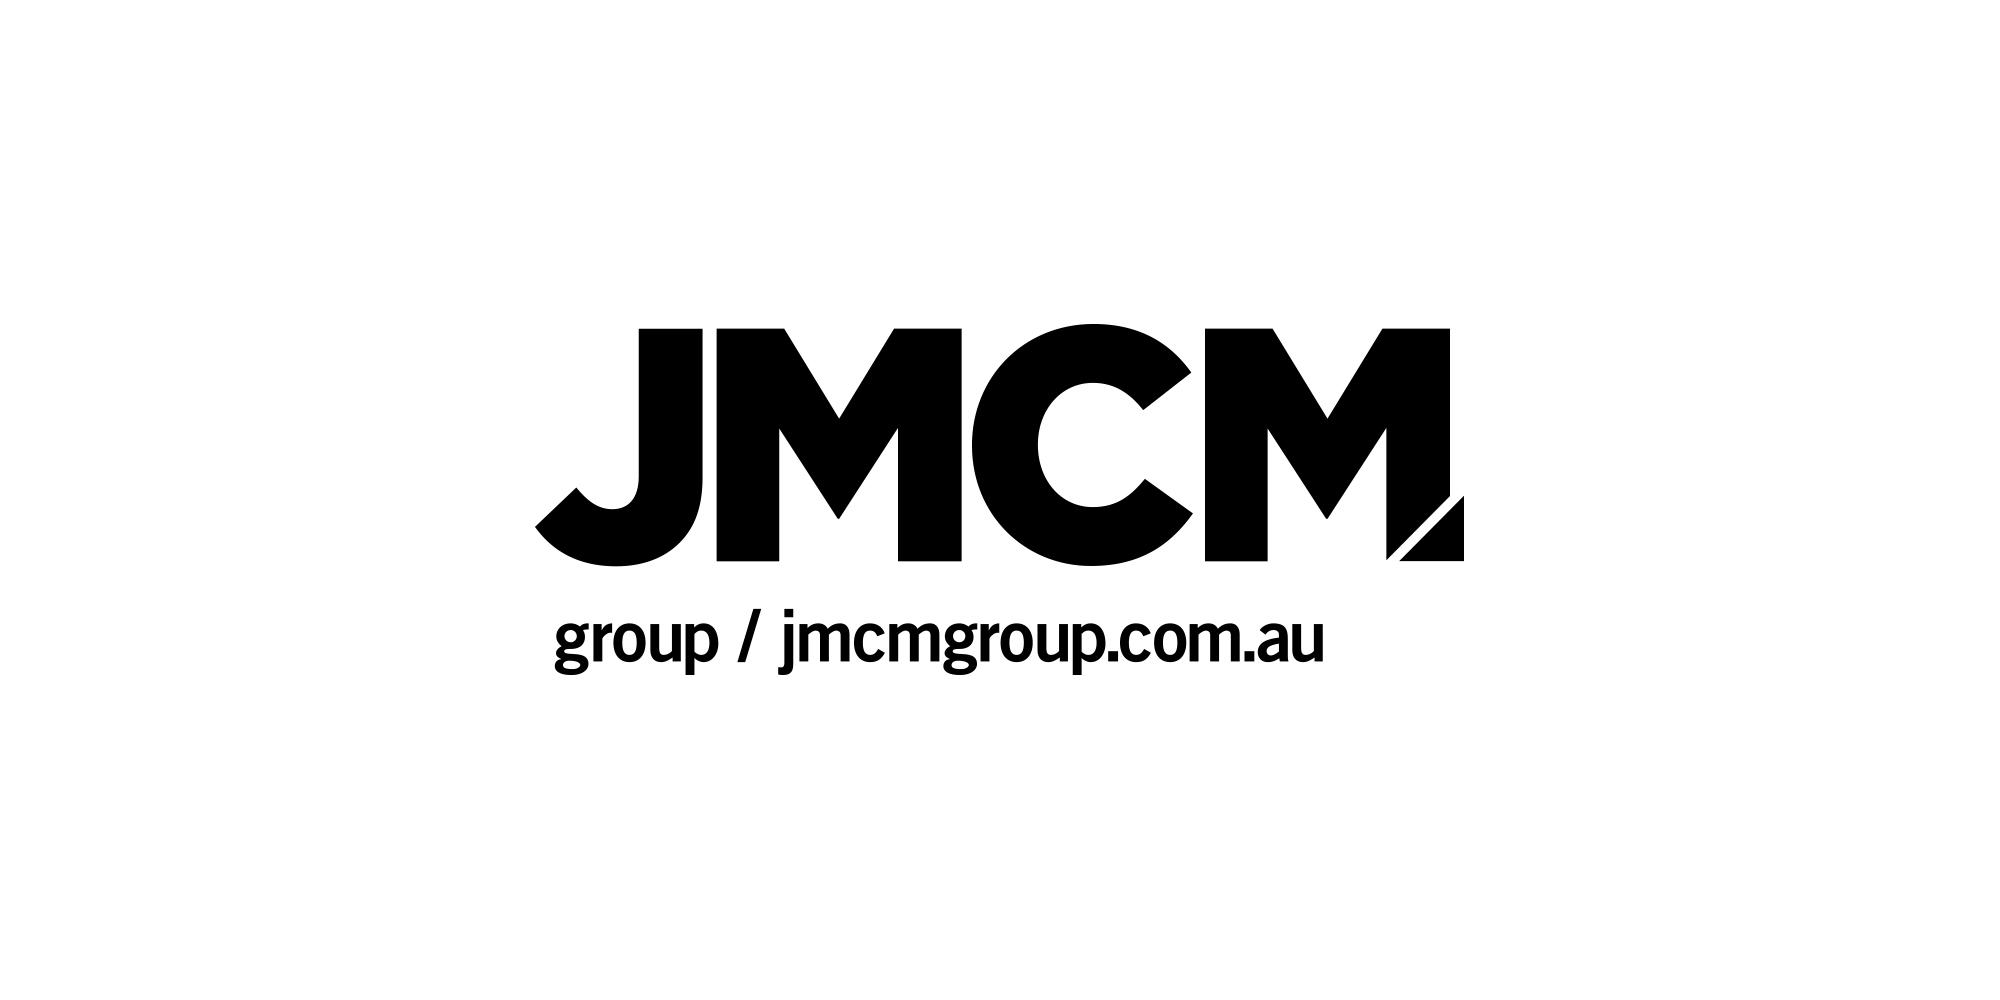 JMCM Group Branding